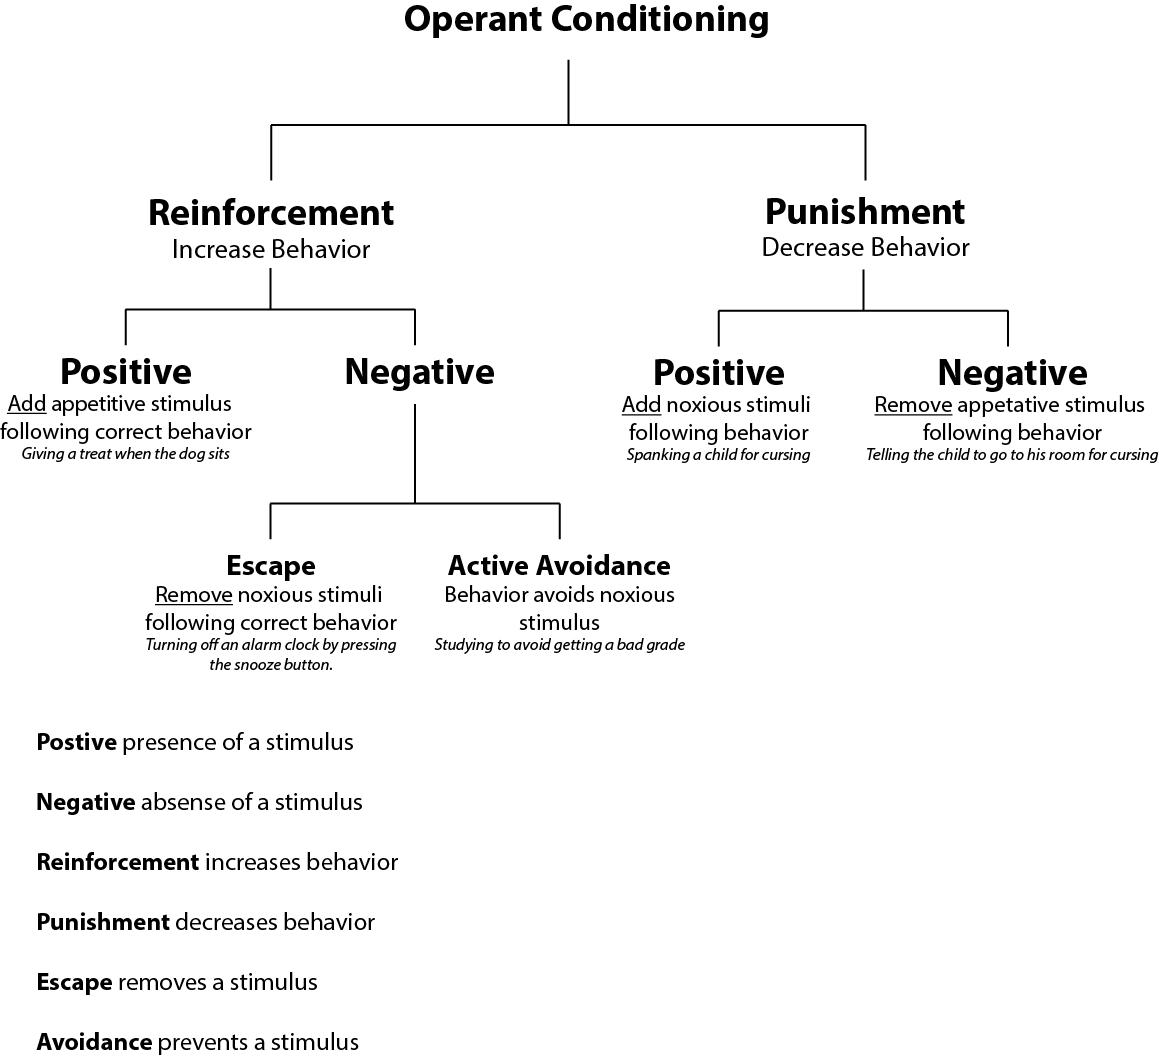 Operant Conditioning Diagram